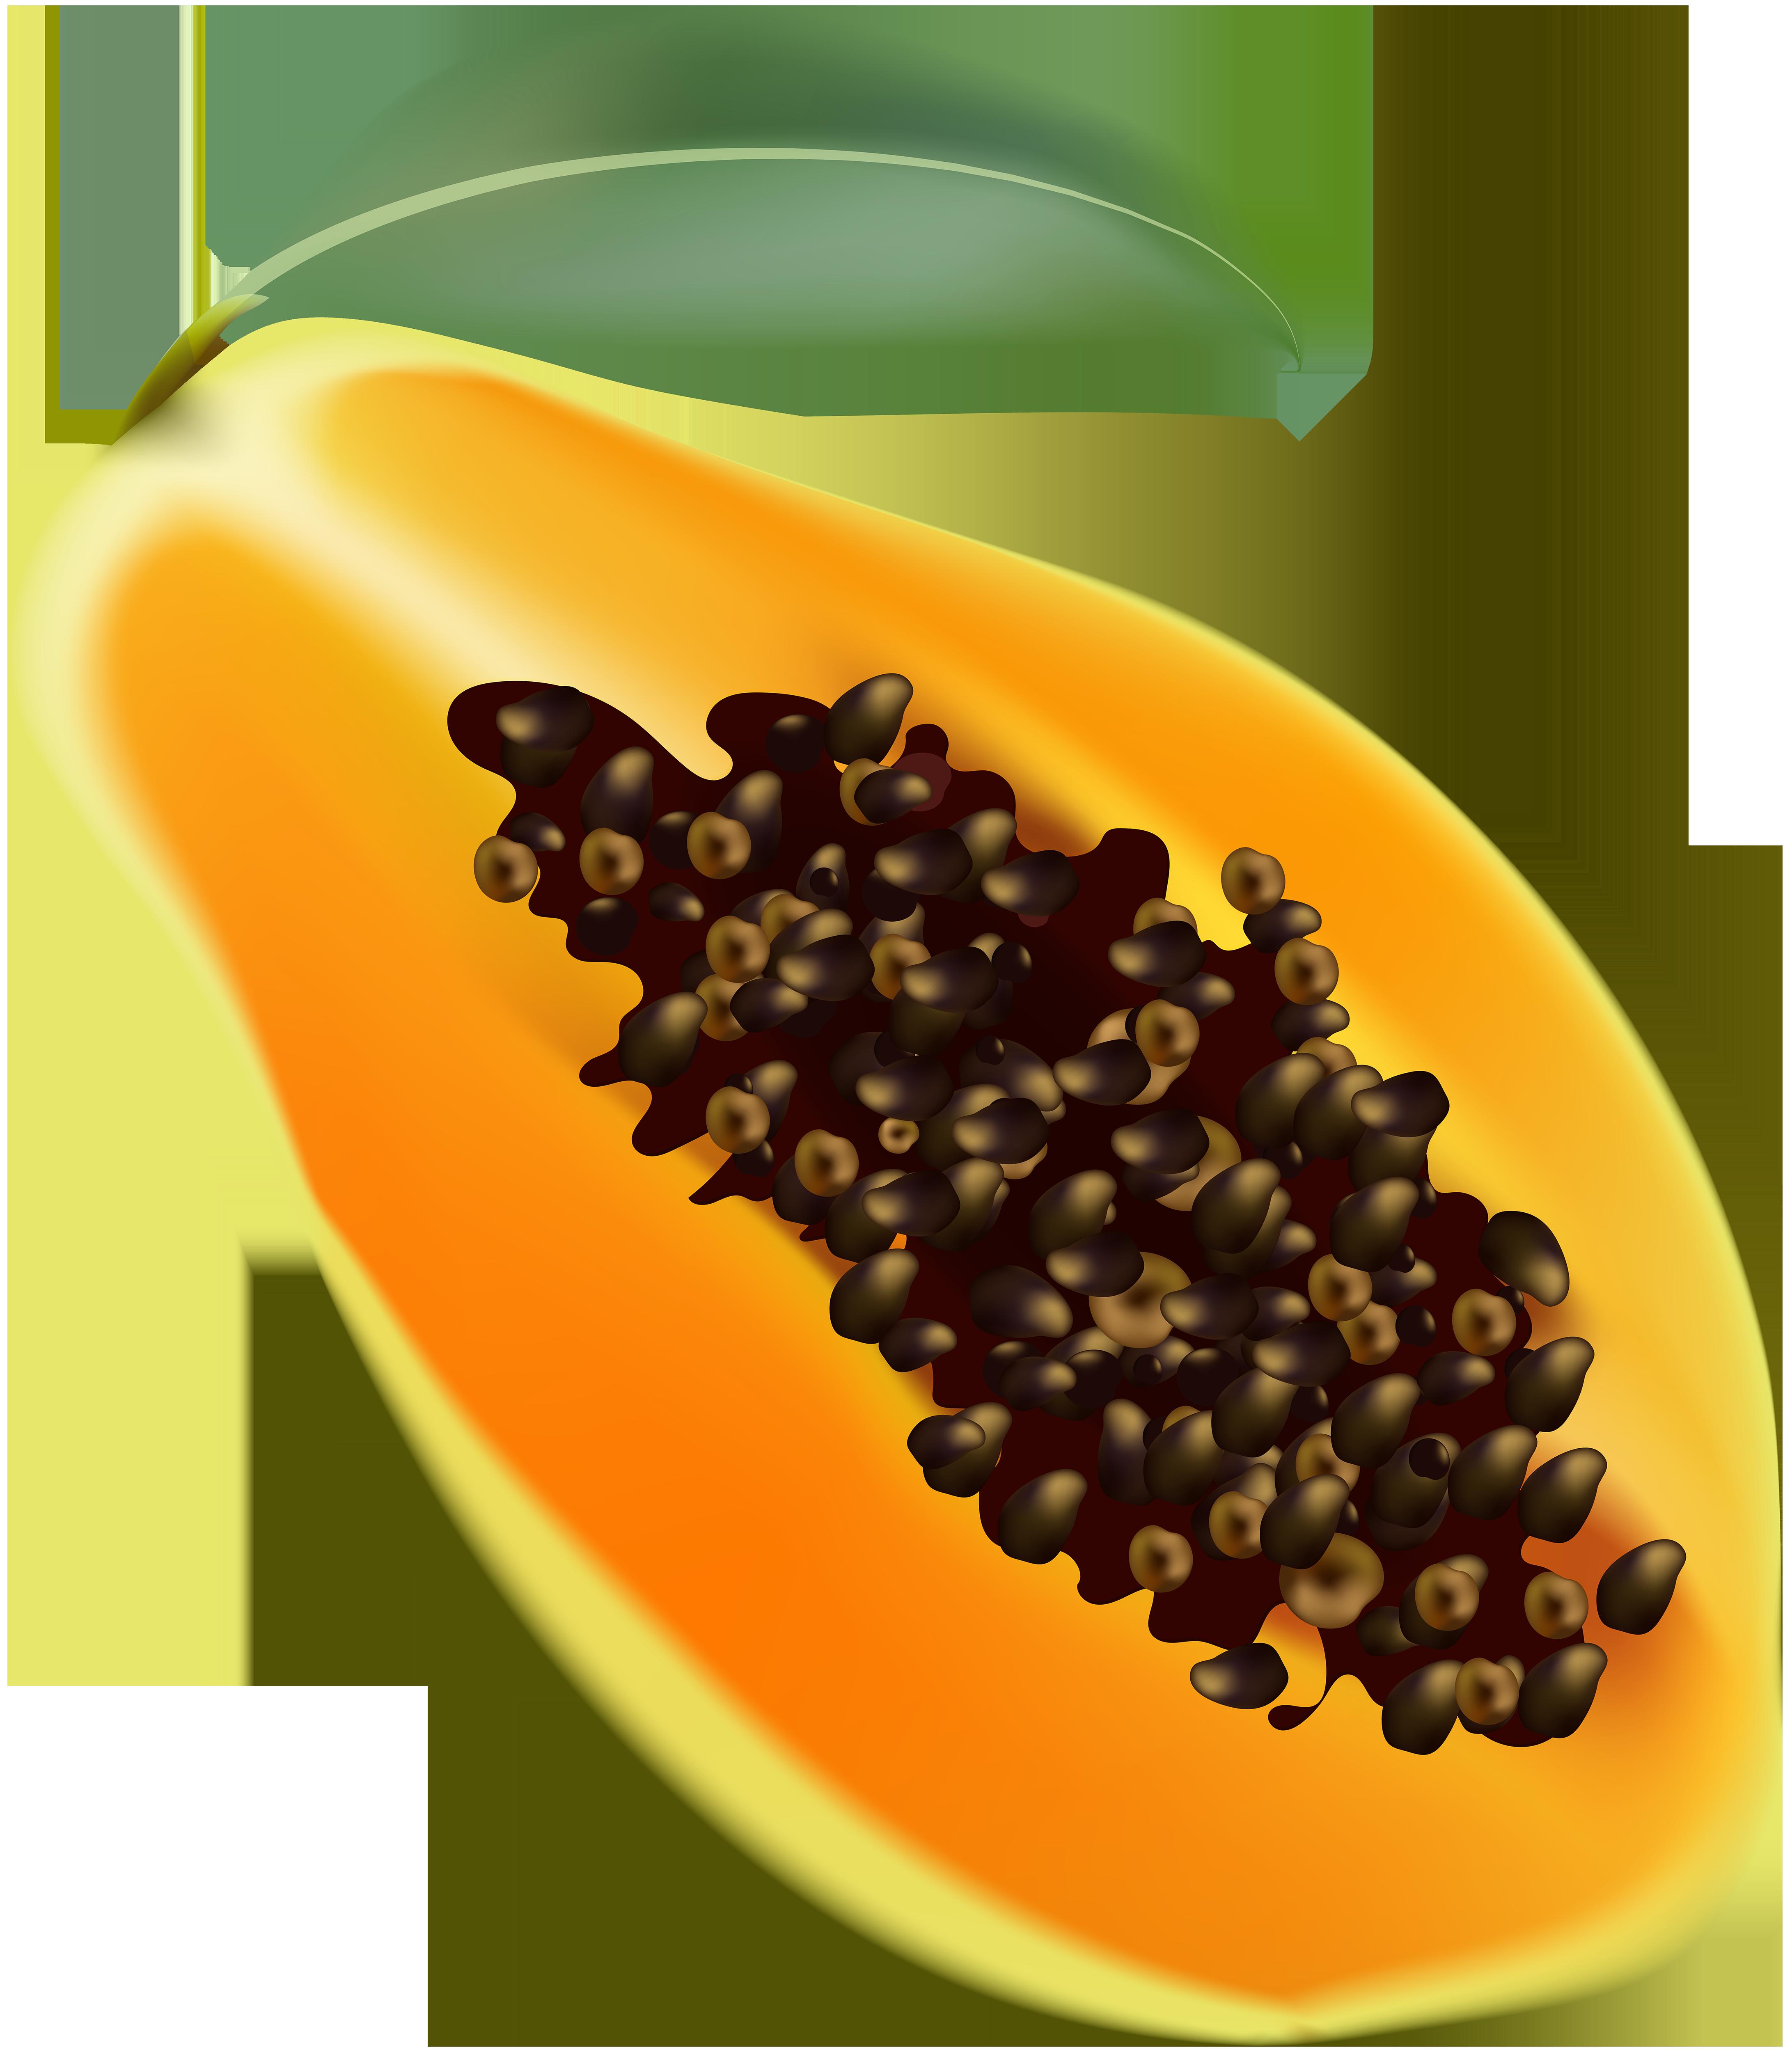 Papaya Transparent Clip Art Image.